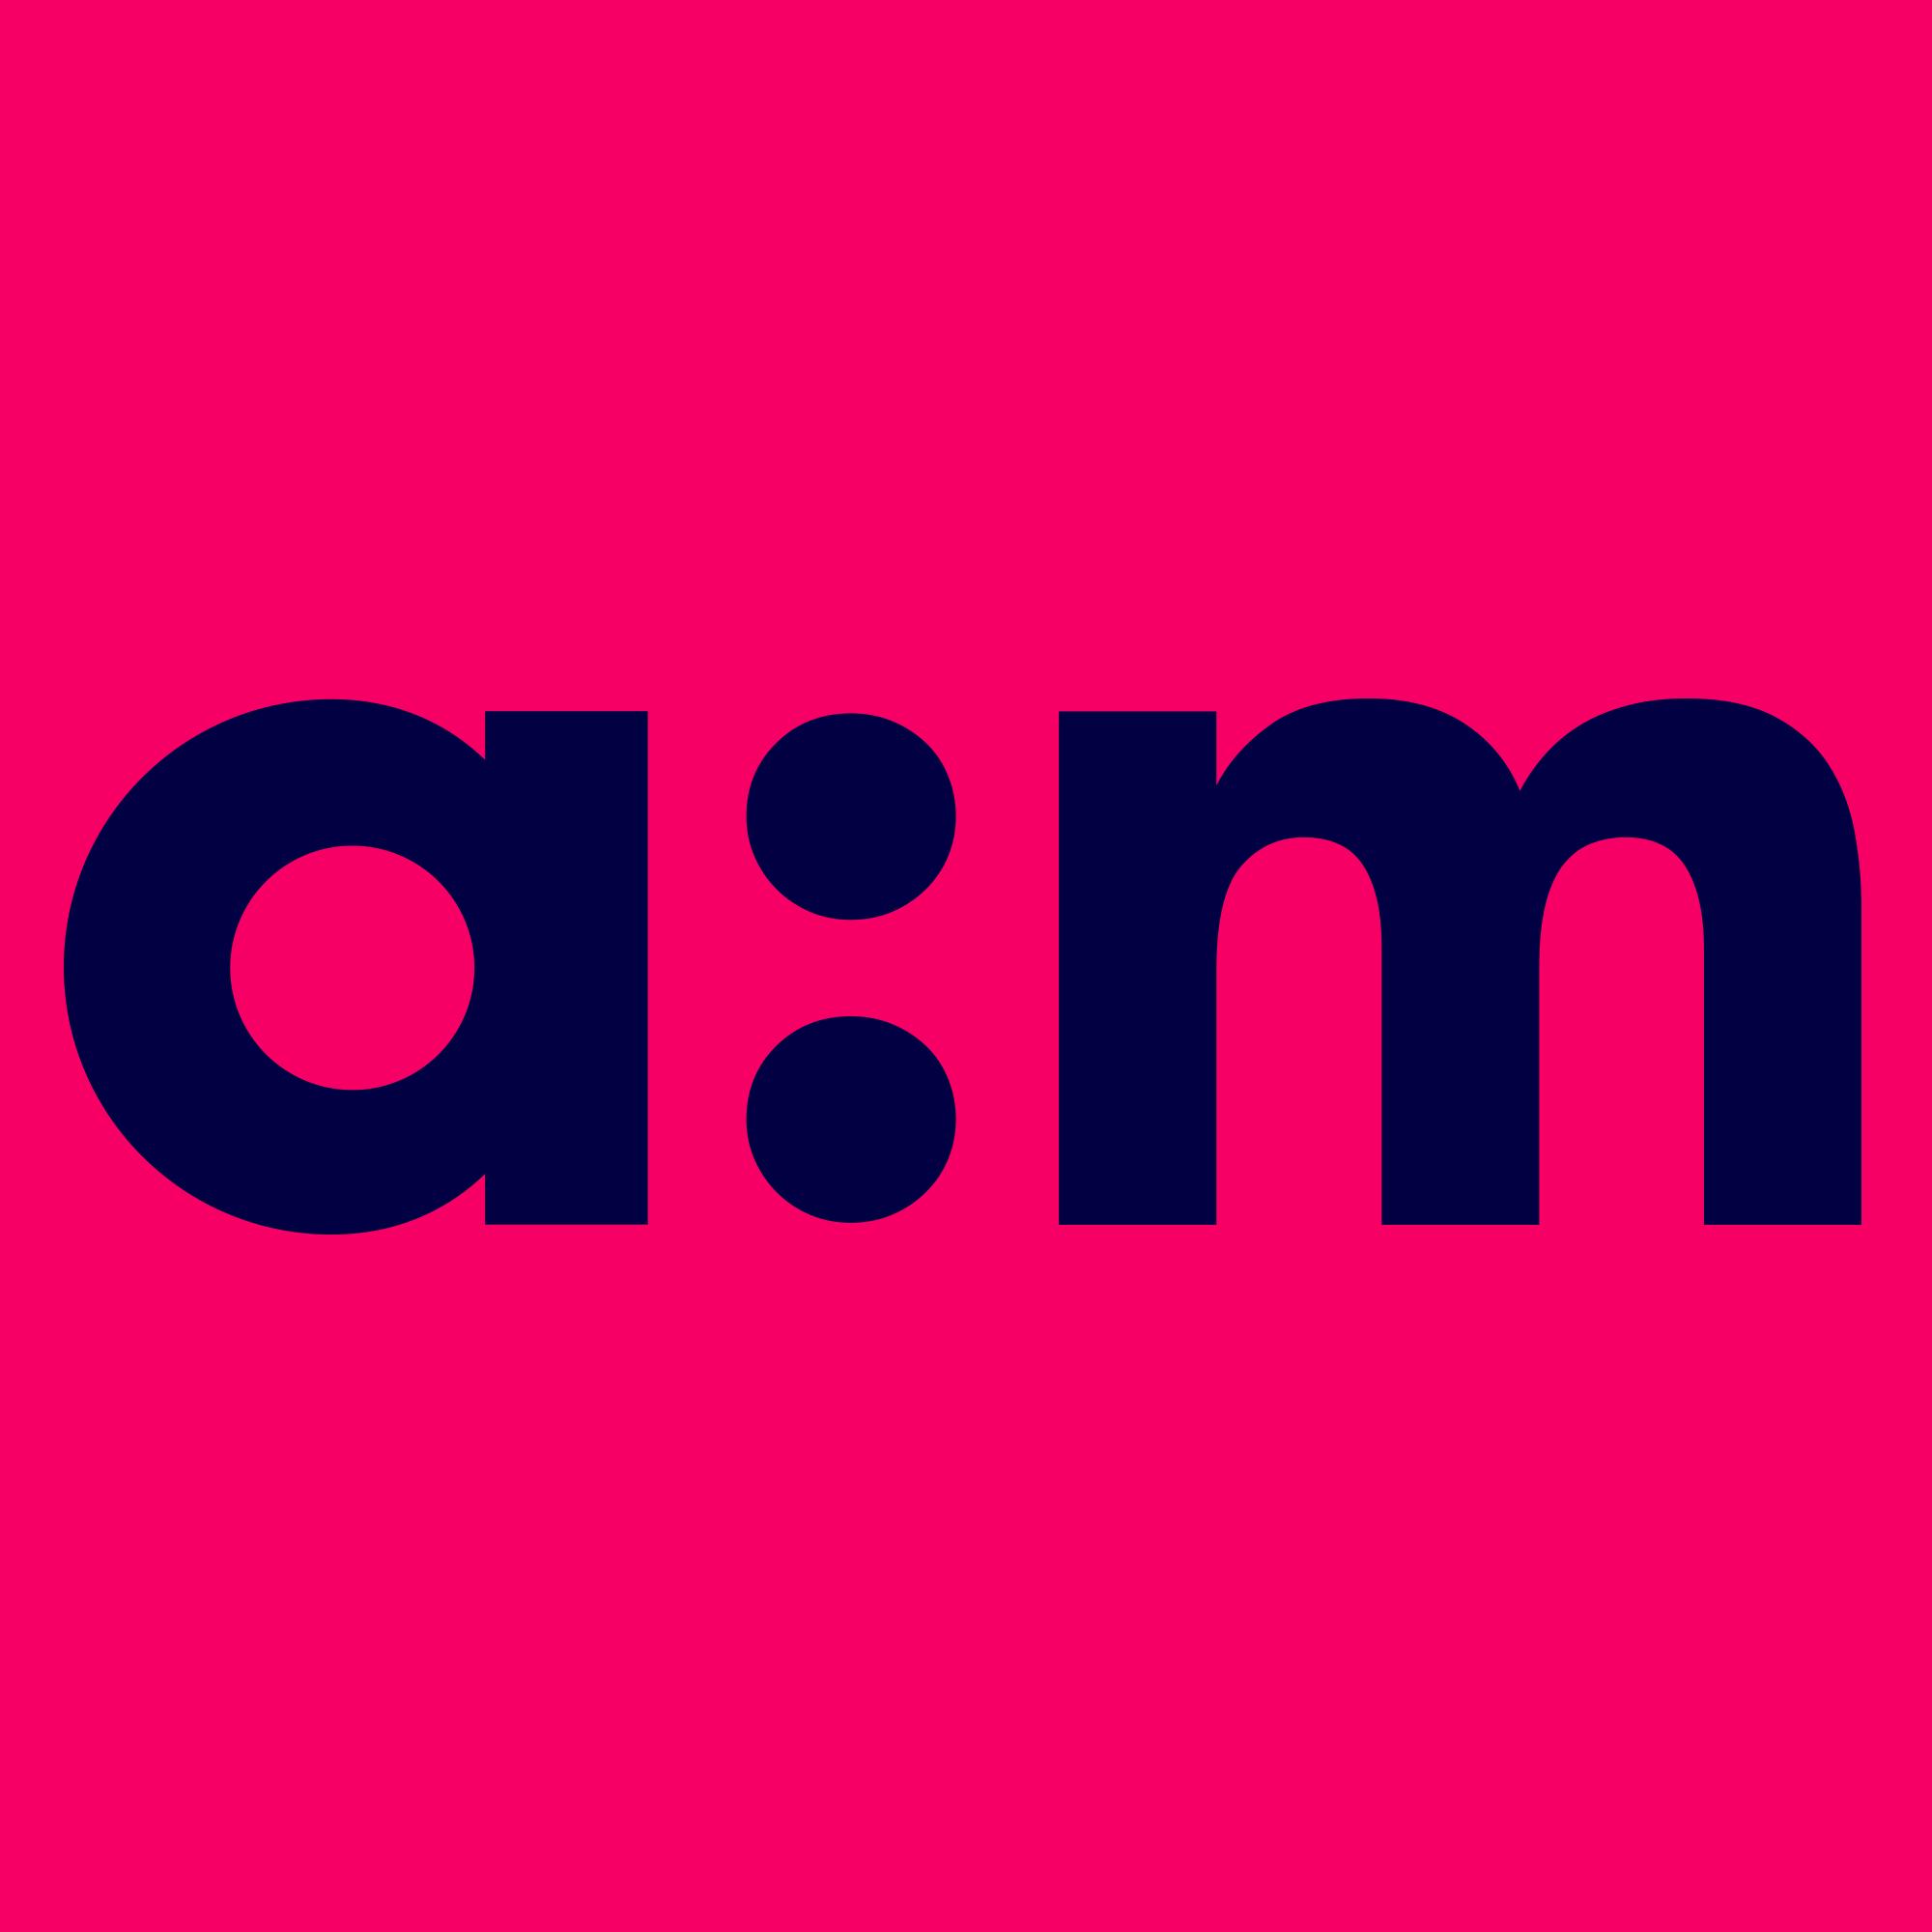 AthenaMedialogo2017_AM_2000x2000